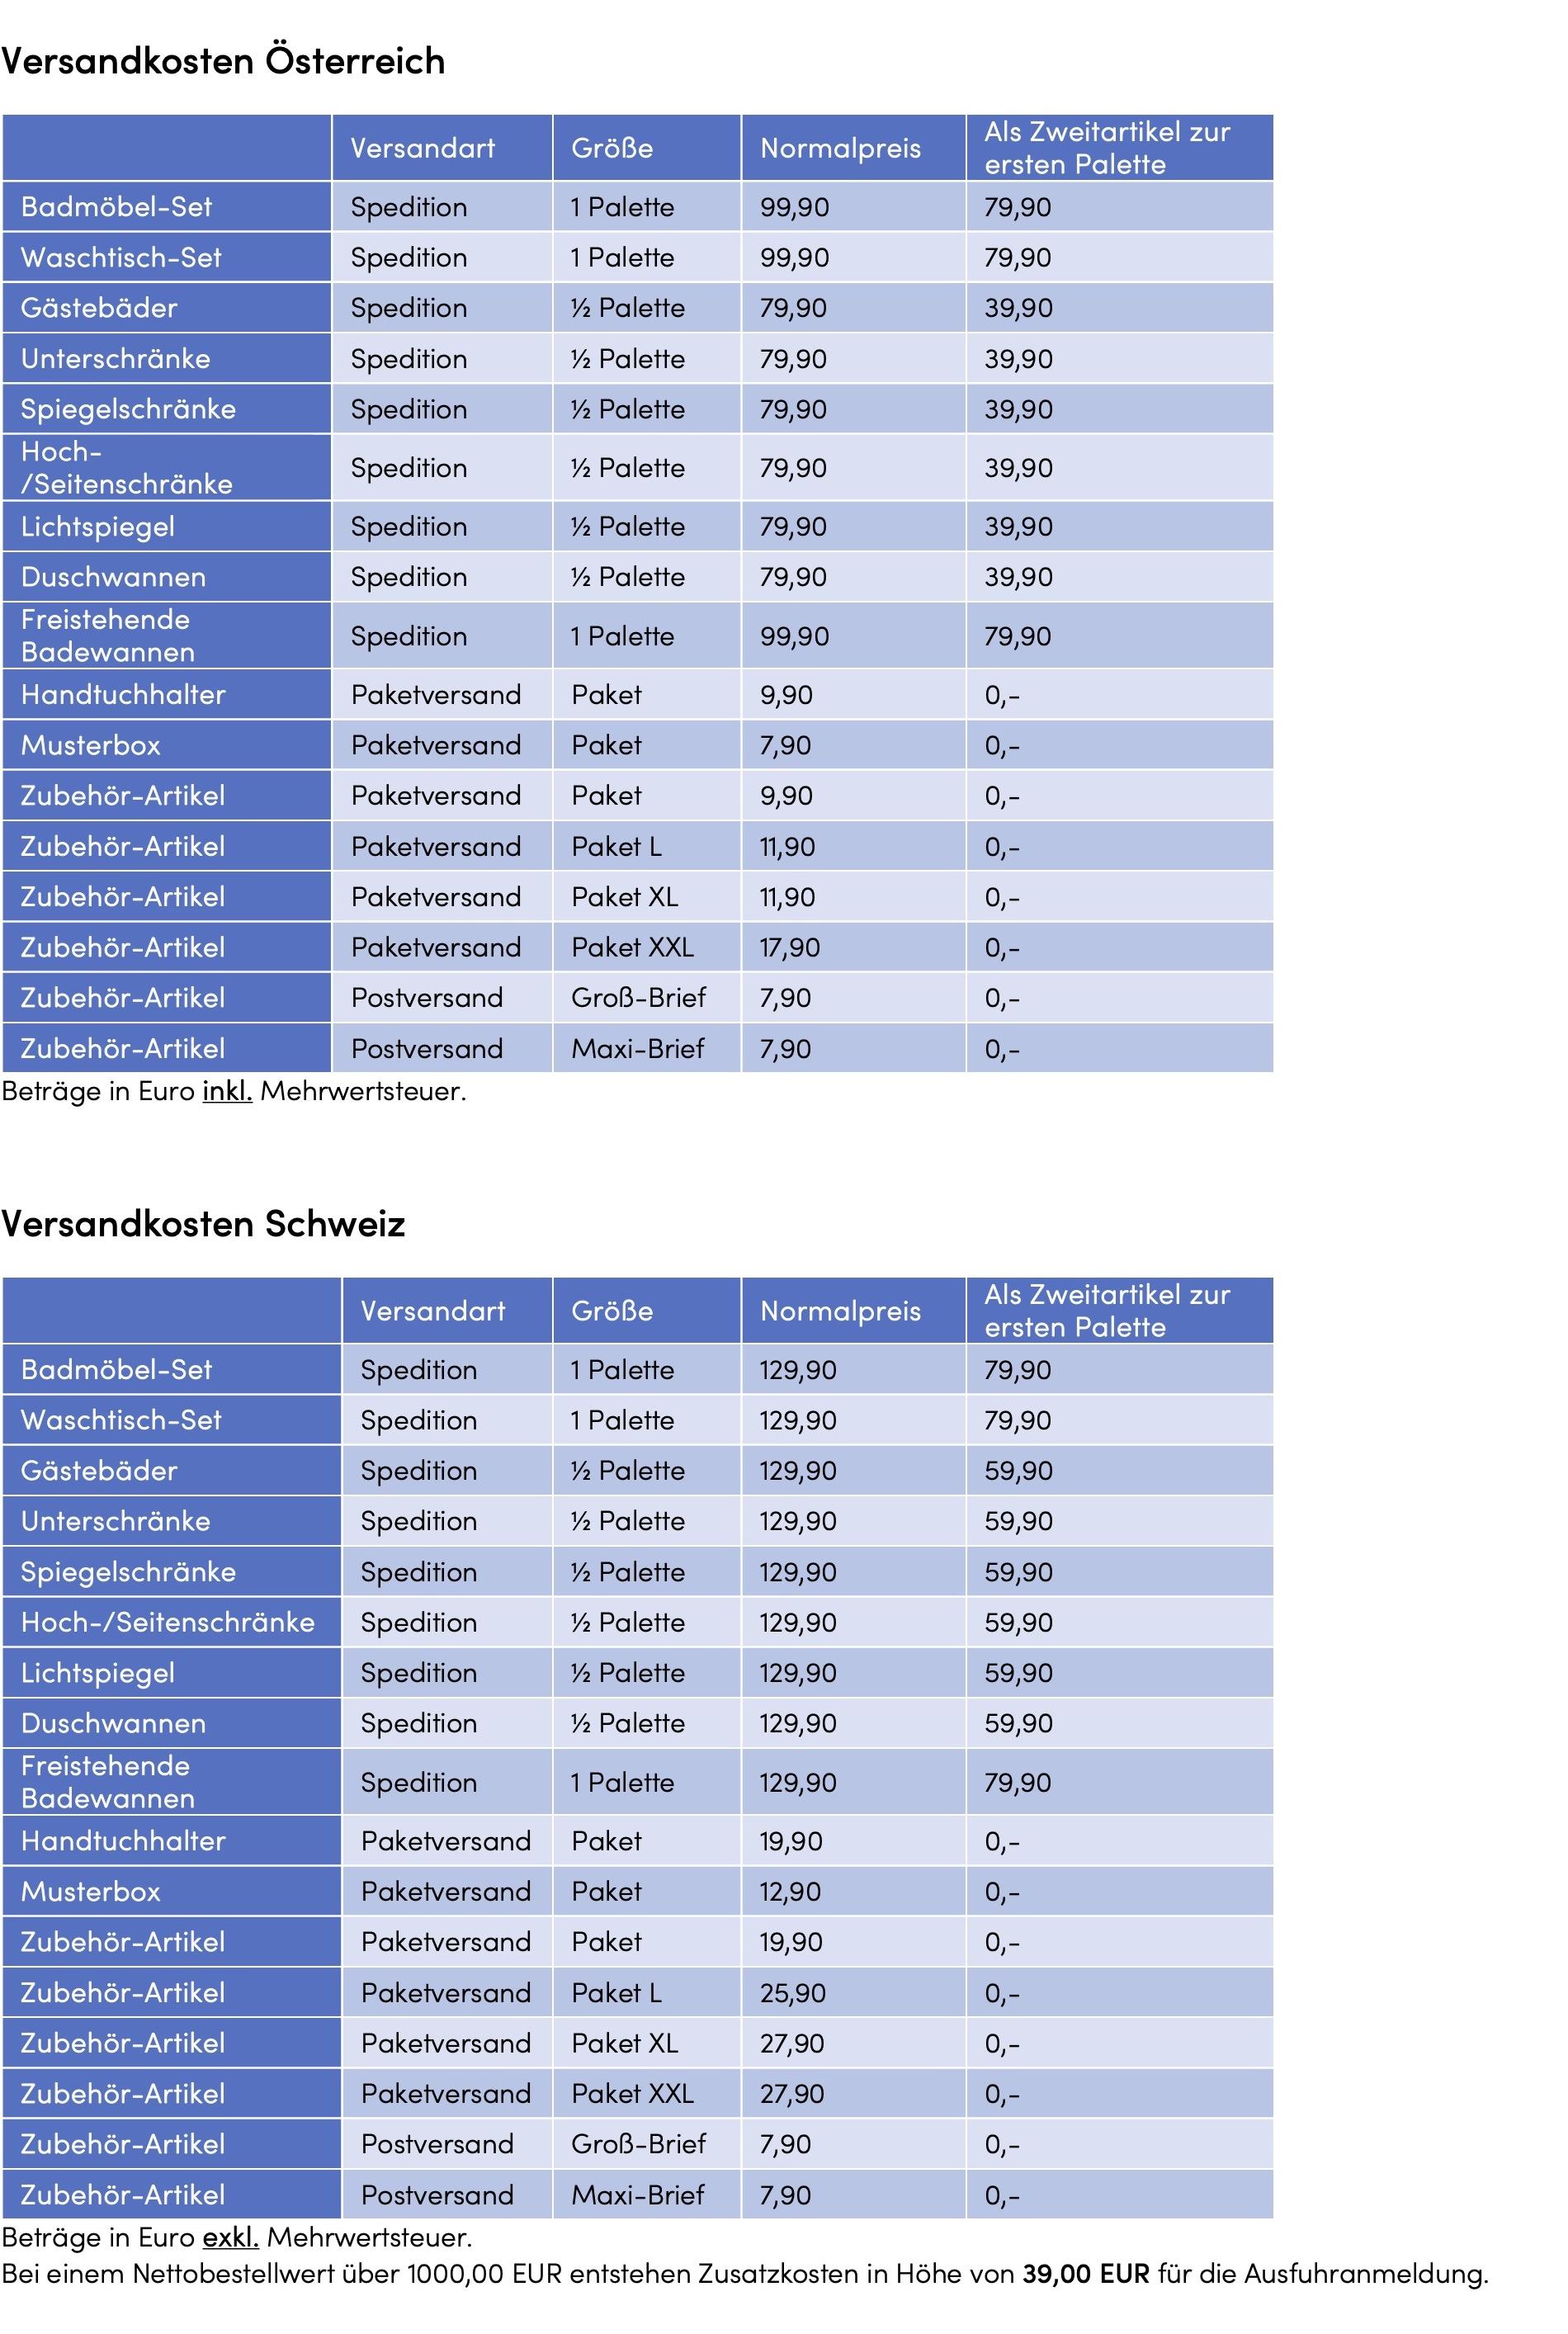 2020-09-24-versandkosten-neu2